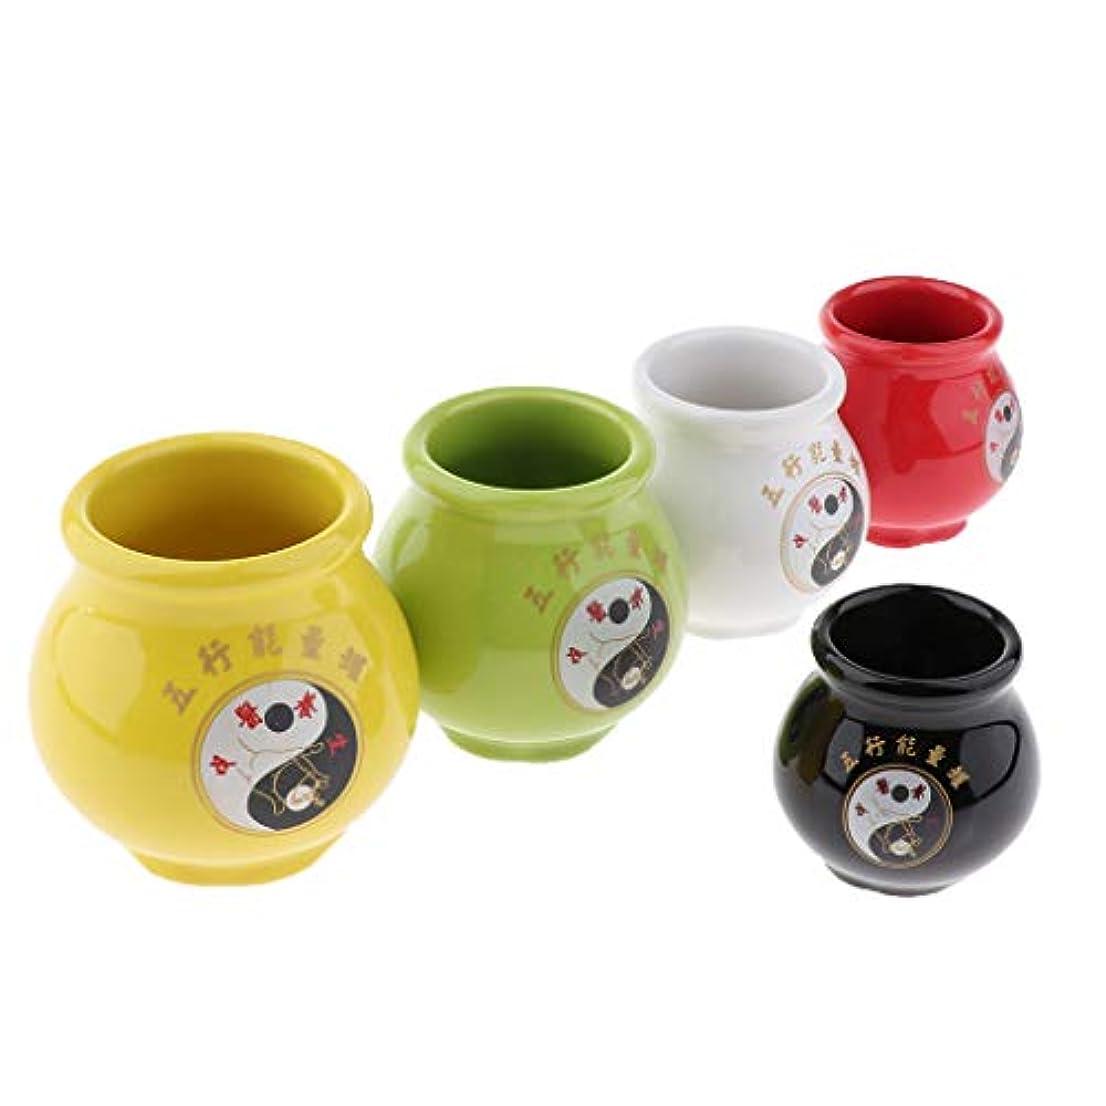 FLAMEER マッサージ吸い玉 カッピングカップ セラミック 真空 健康ケア 男女兼用 5個入